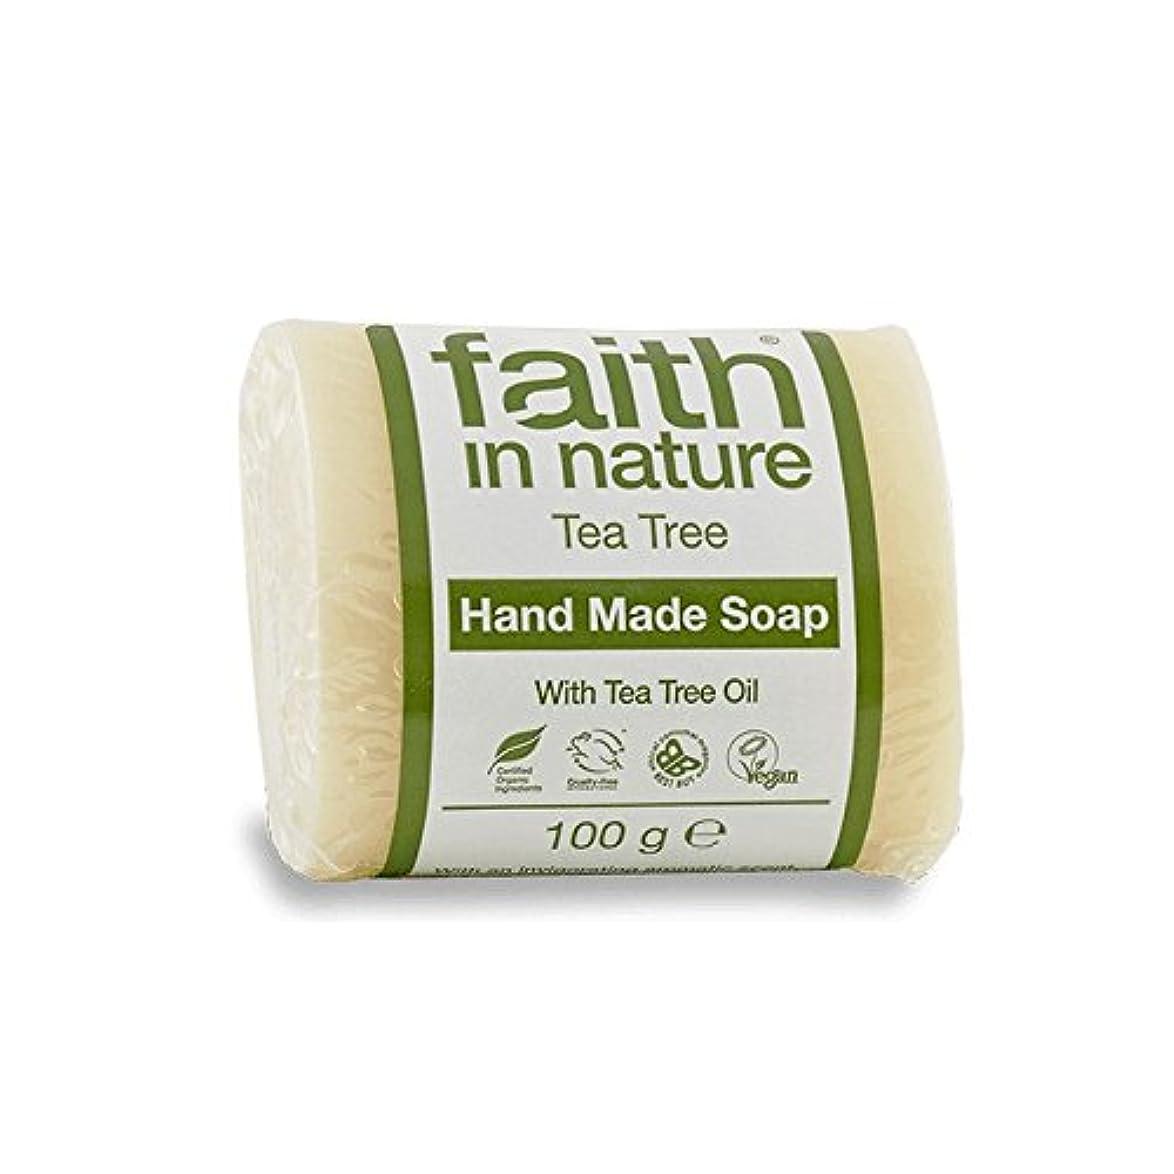 範囲量ロシア自然のティーツリーソープ100グラムの信仰 - Faith in Nature Tea Tree Soap 100g (Faith in Nature) [並行輸入品]